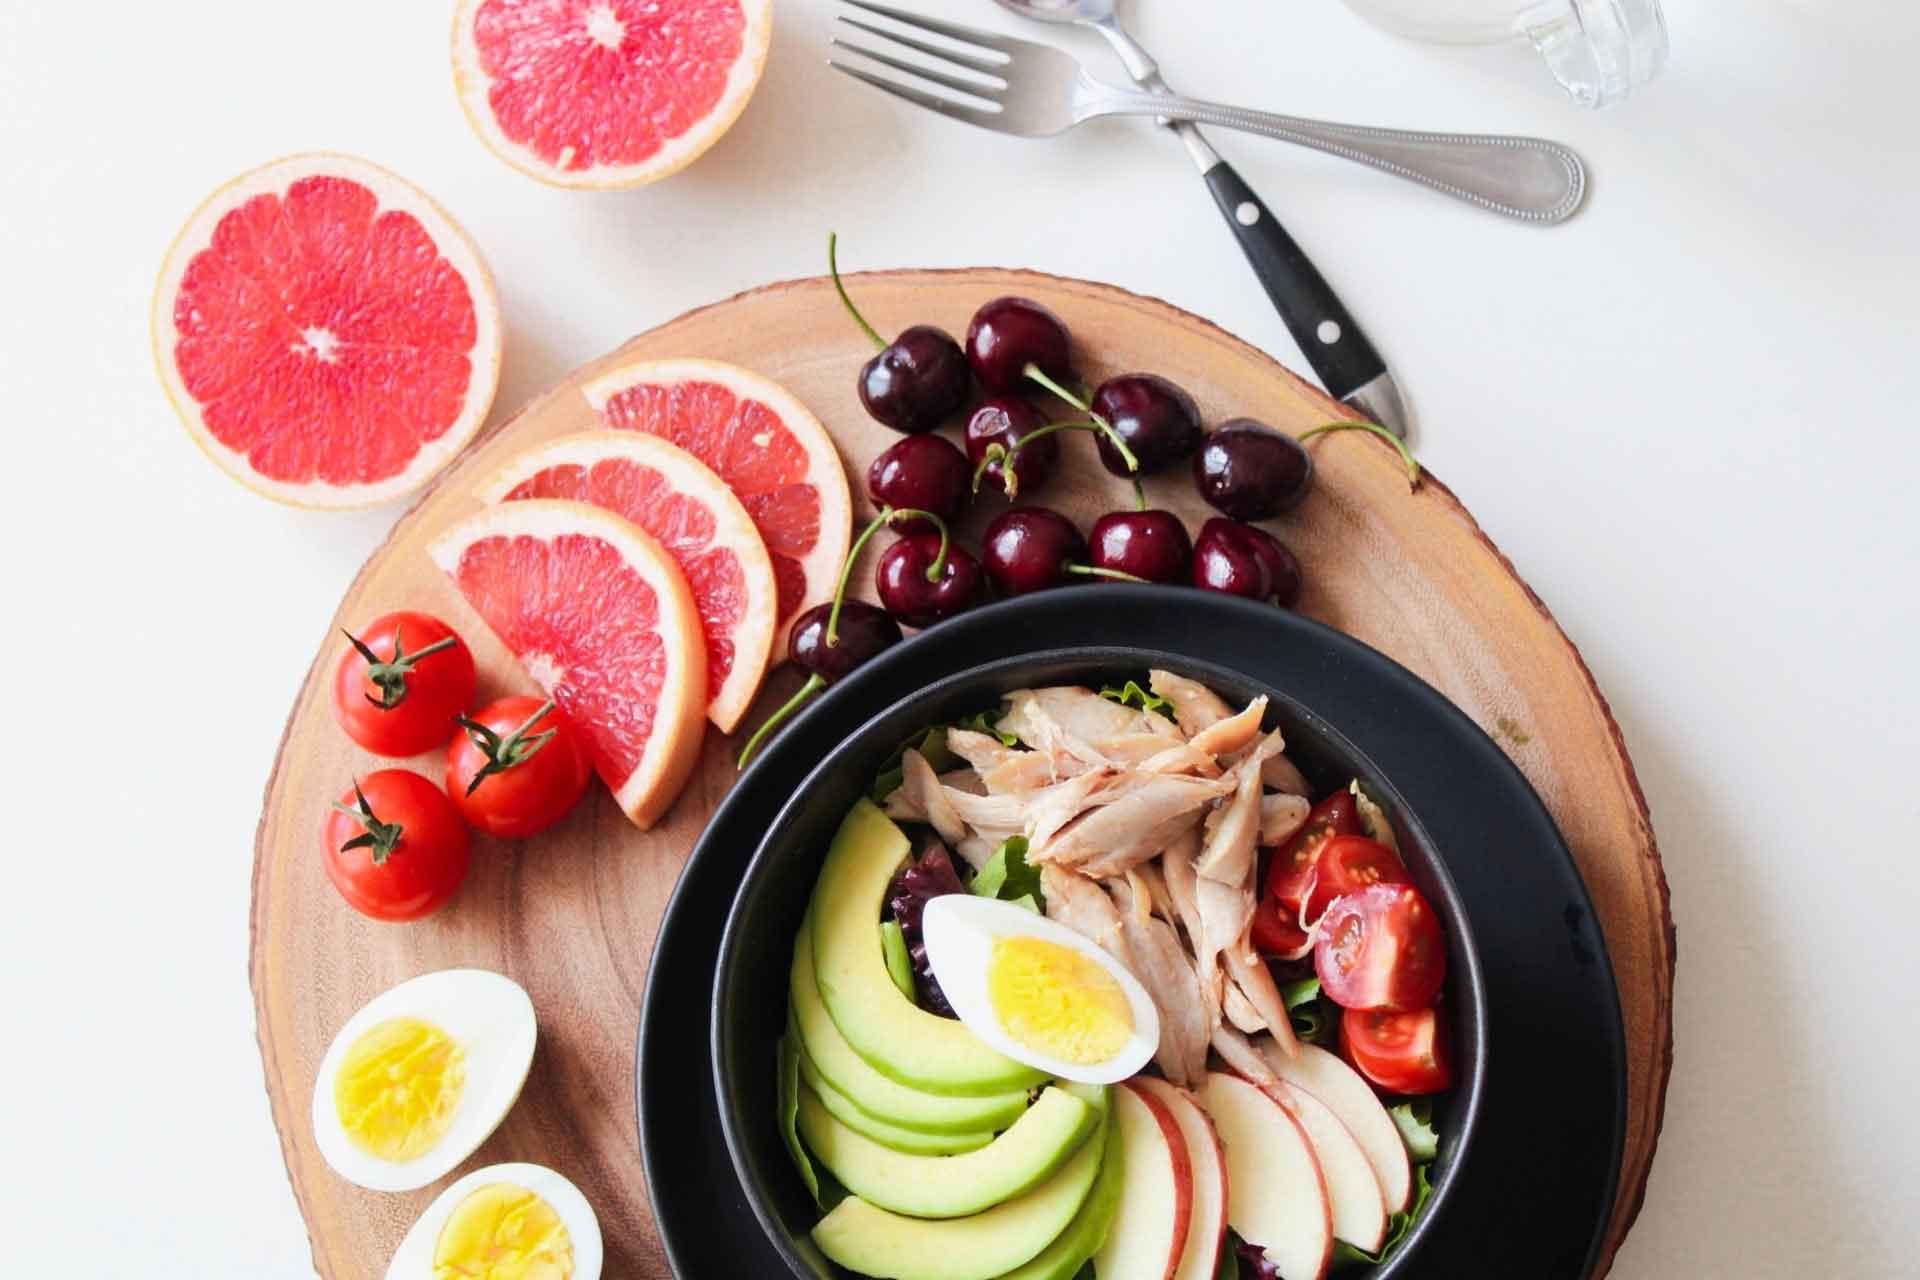 Food Lover Loves Fruits